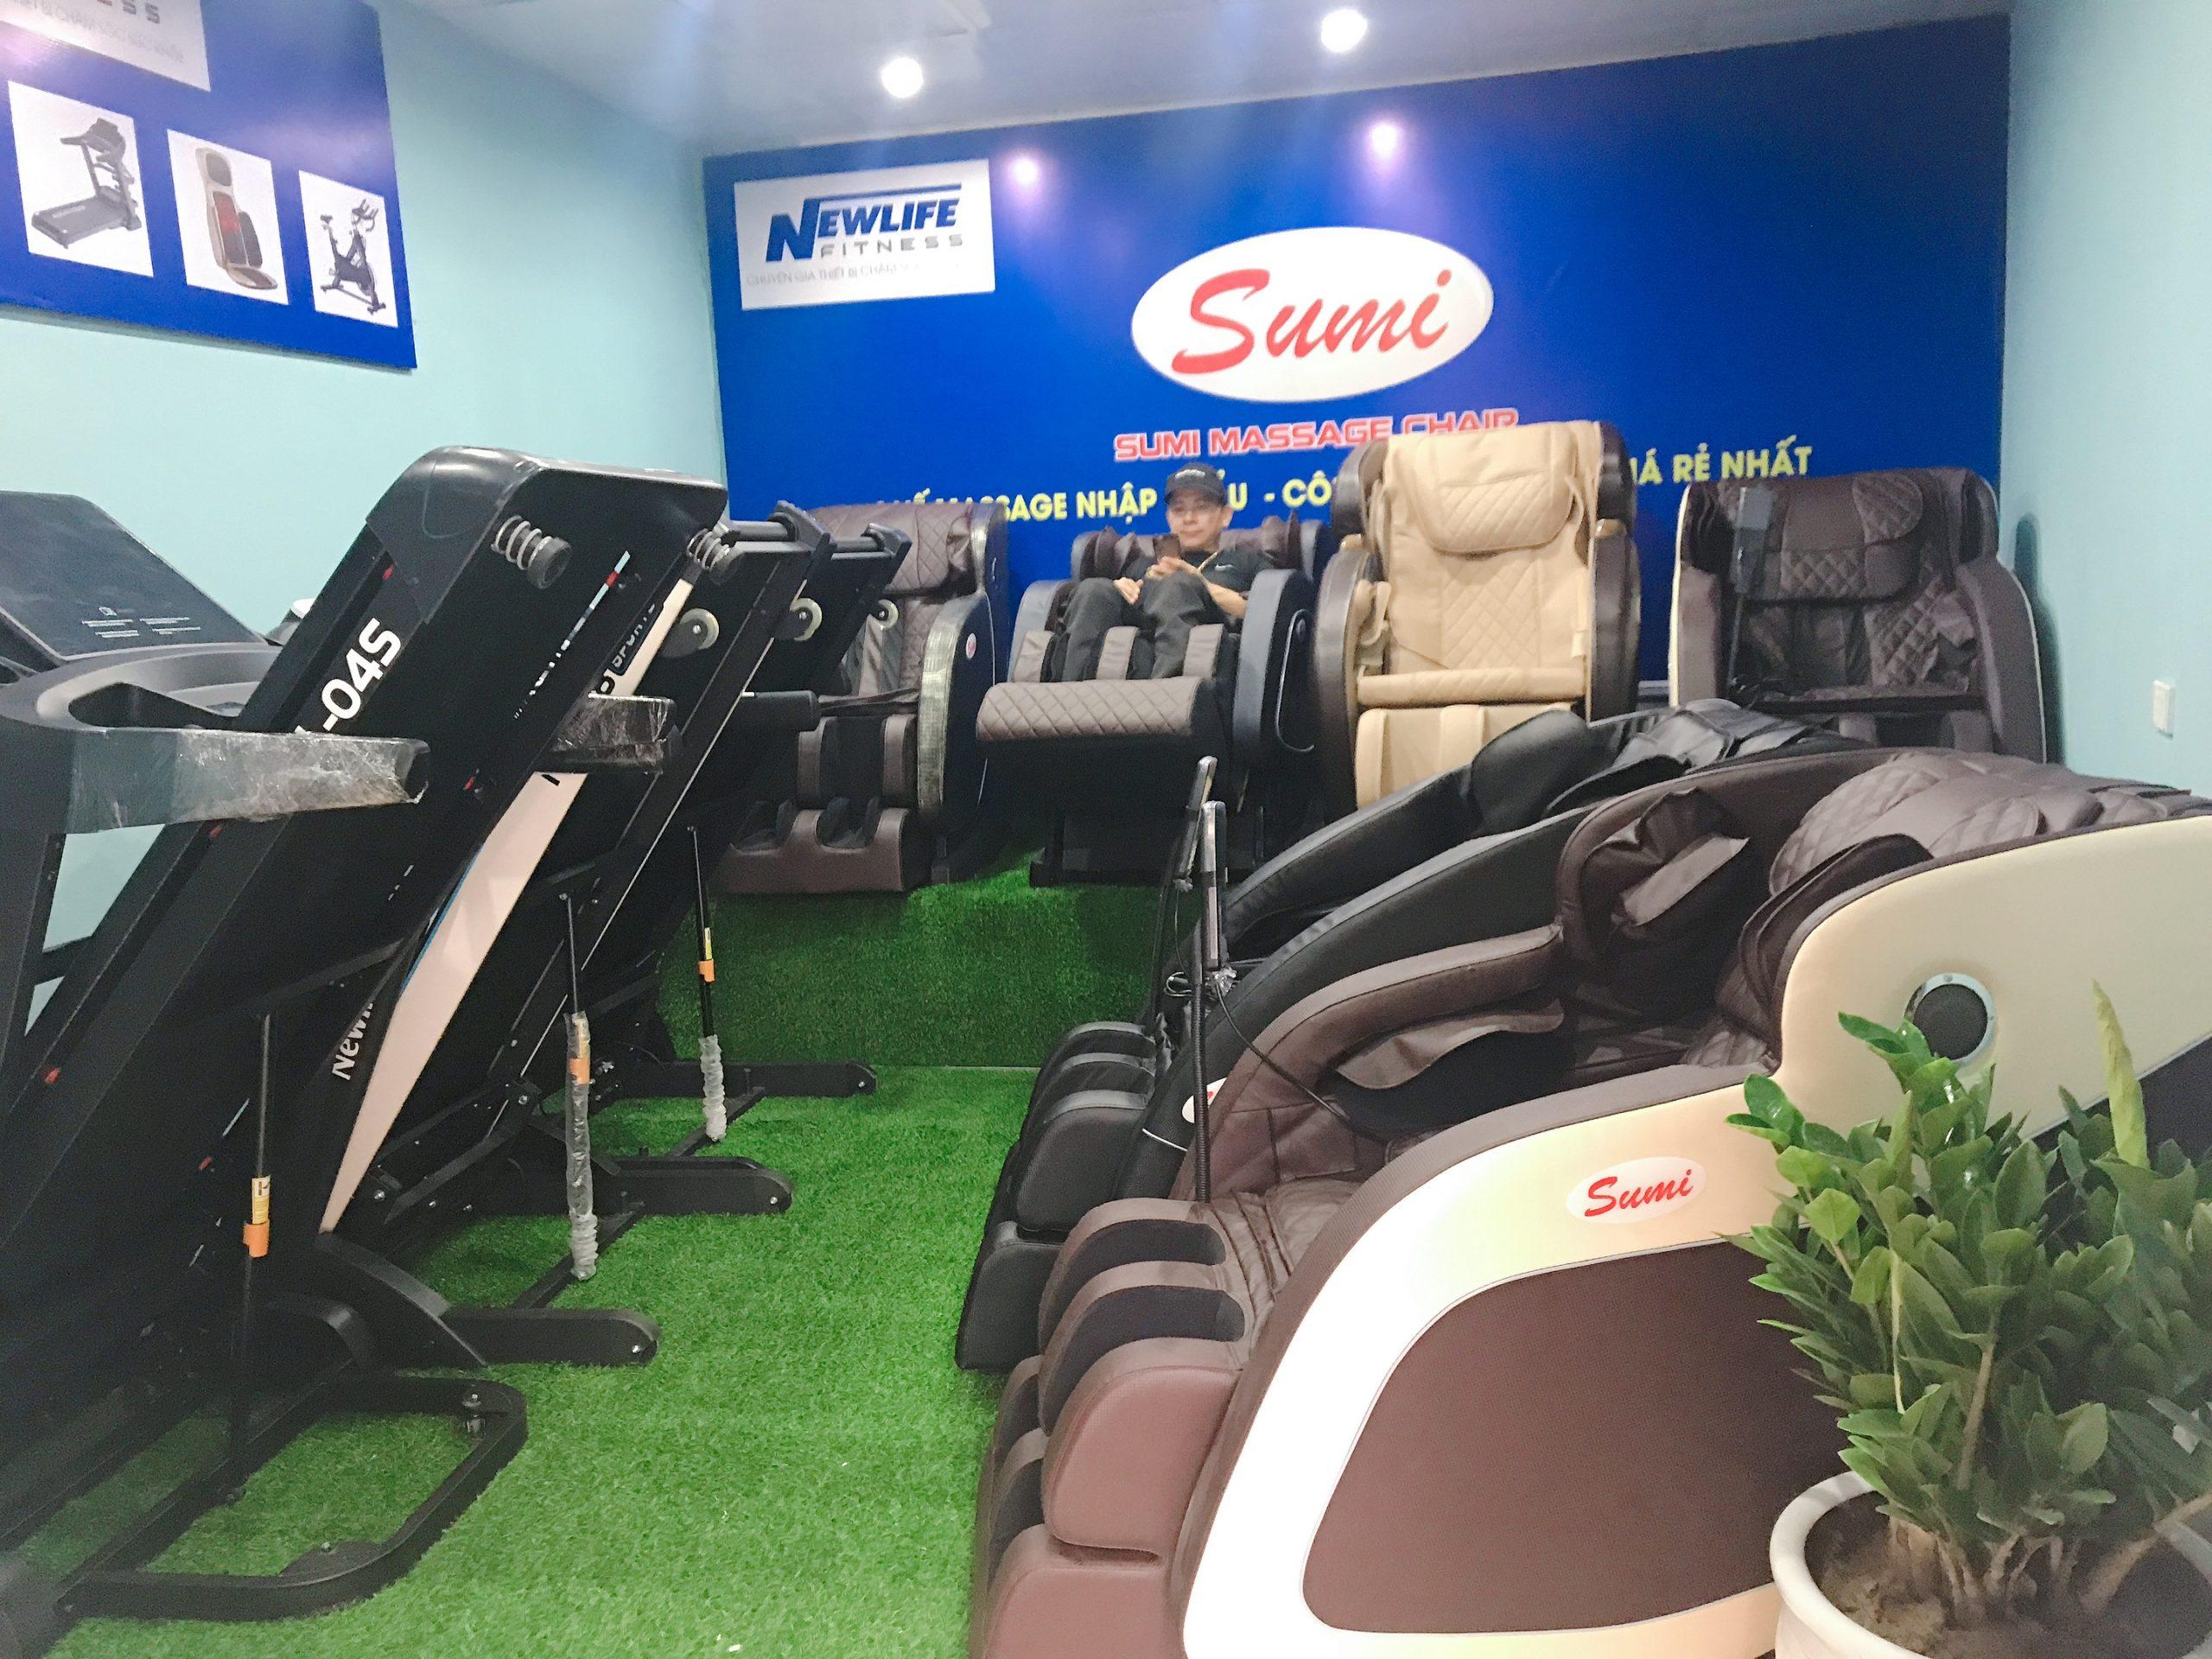 Ghế massage giá rẻ nhất Nghệ An